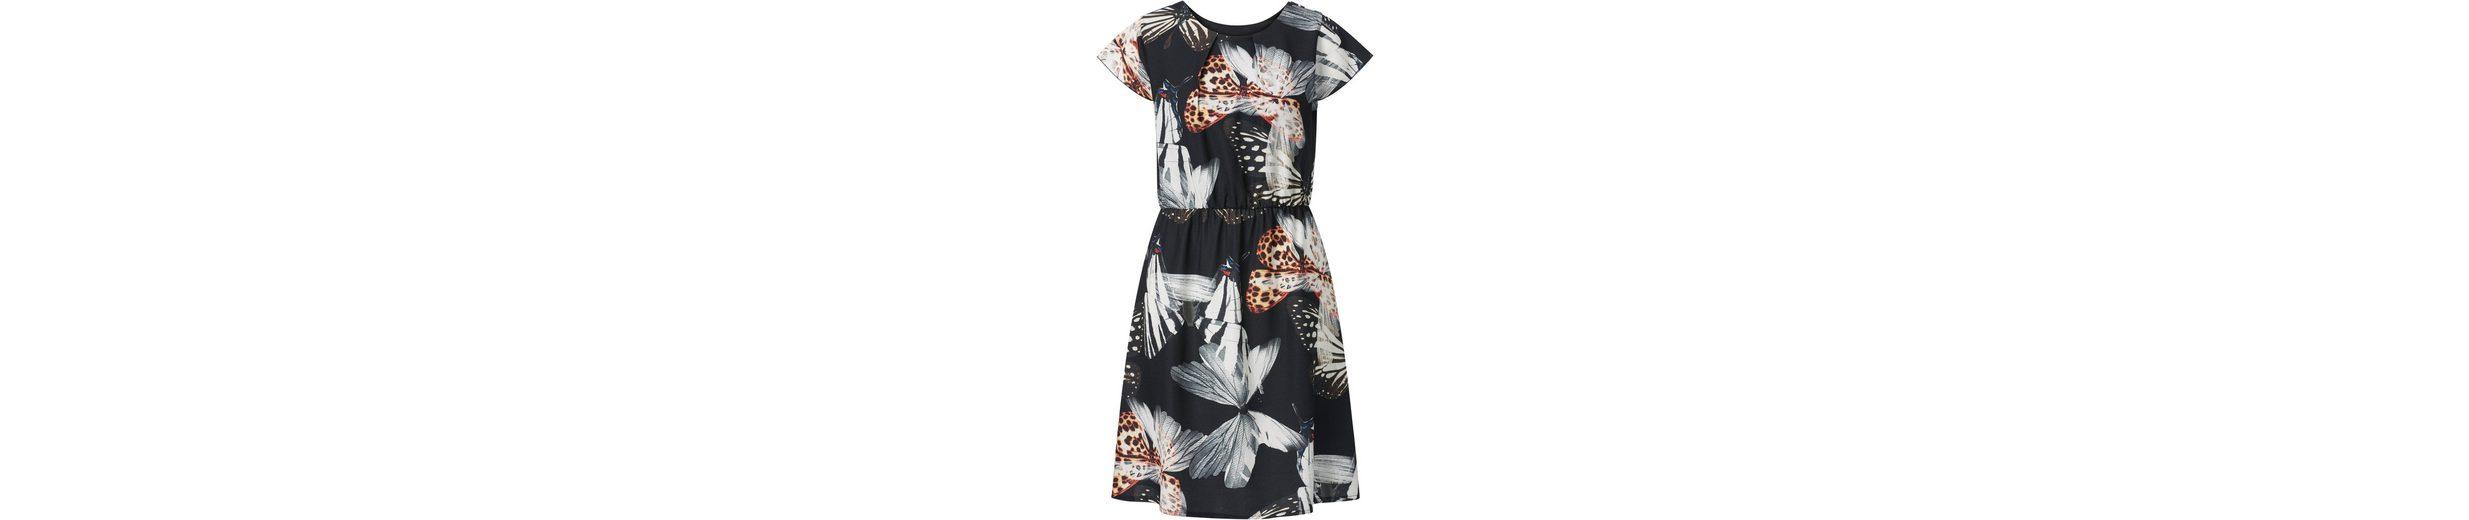 Erscheinungsdaten Authentisch Steckdose Truhe Création L Kleid mit leicht ausgestelltem Rock Freiheit Genießen Uk0w9